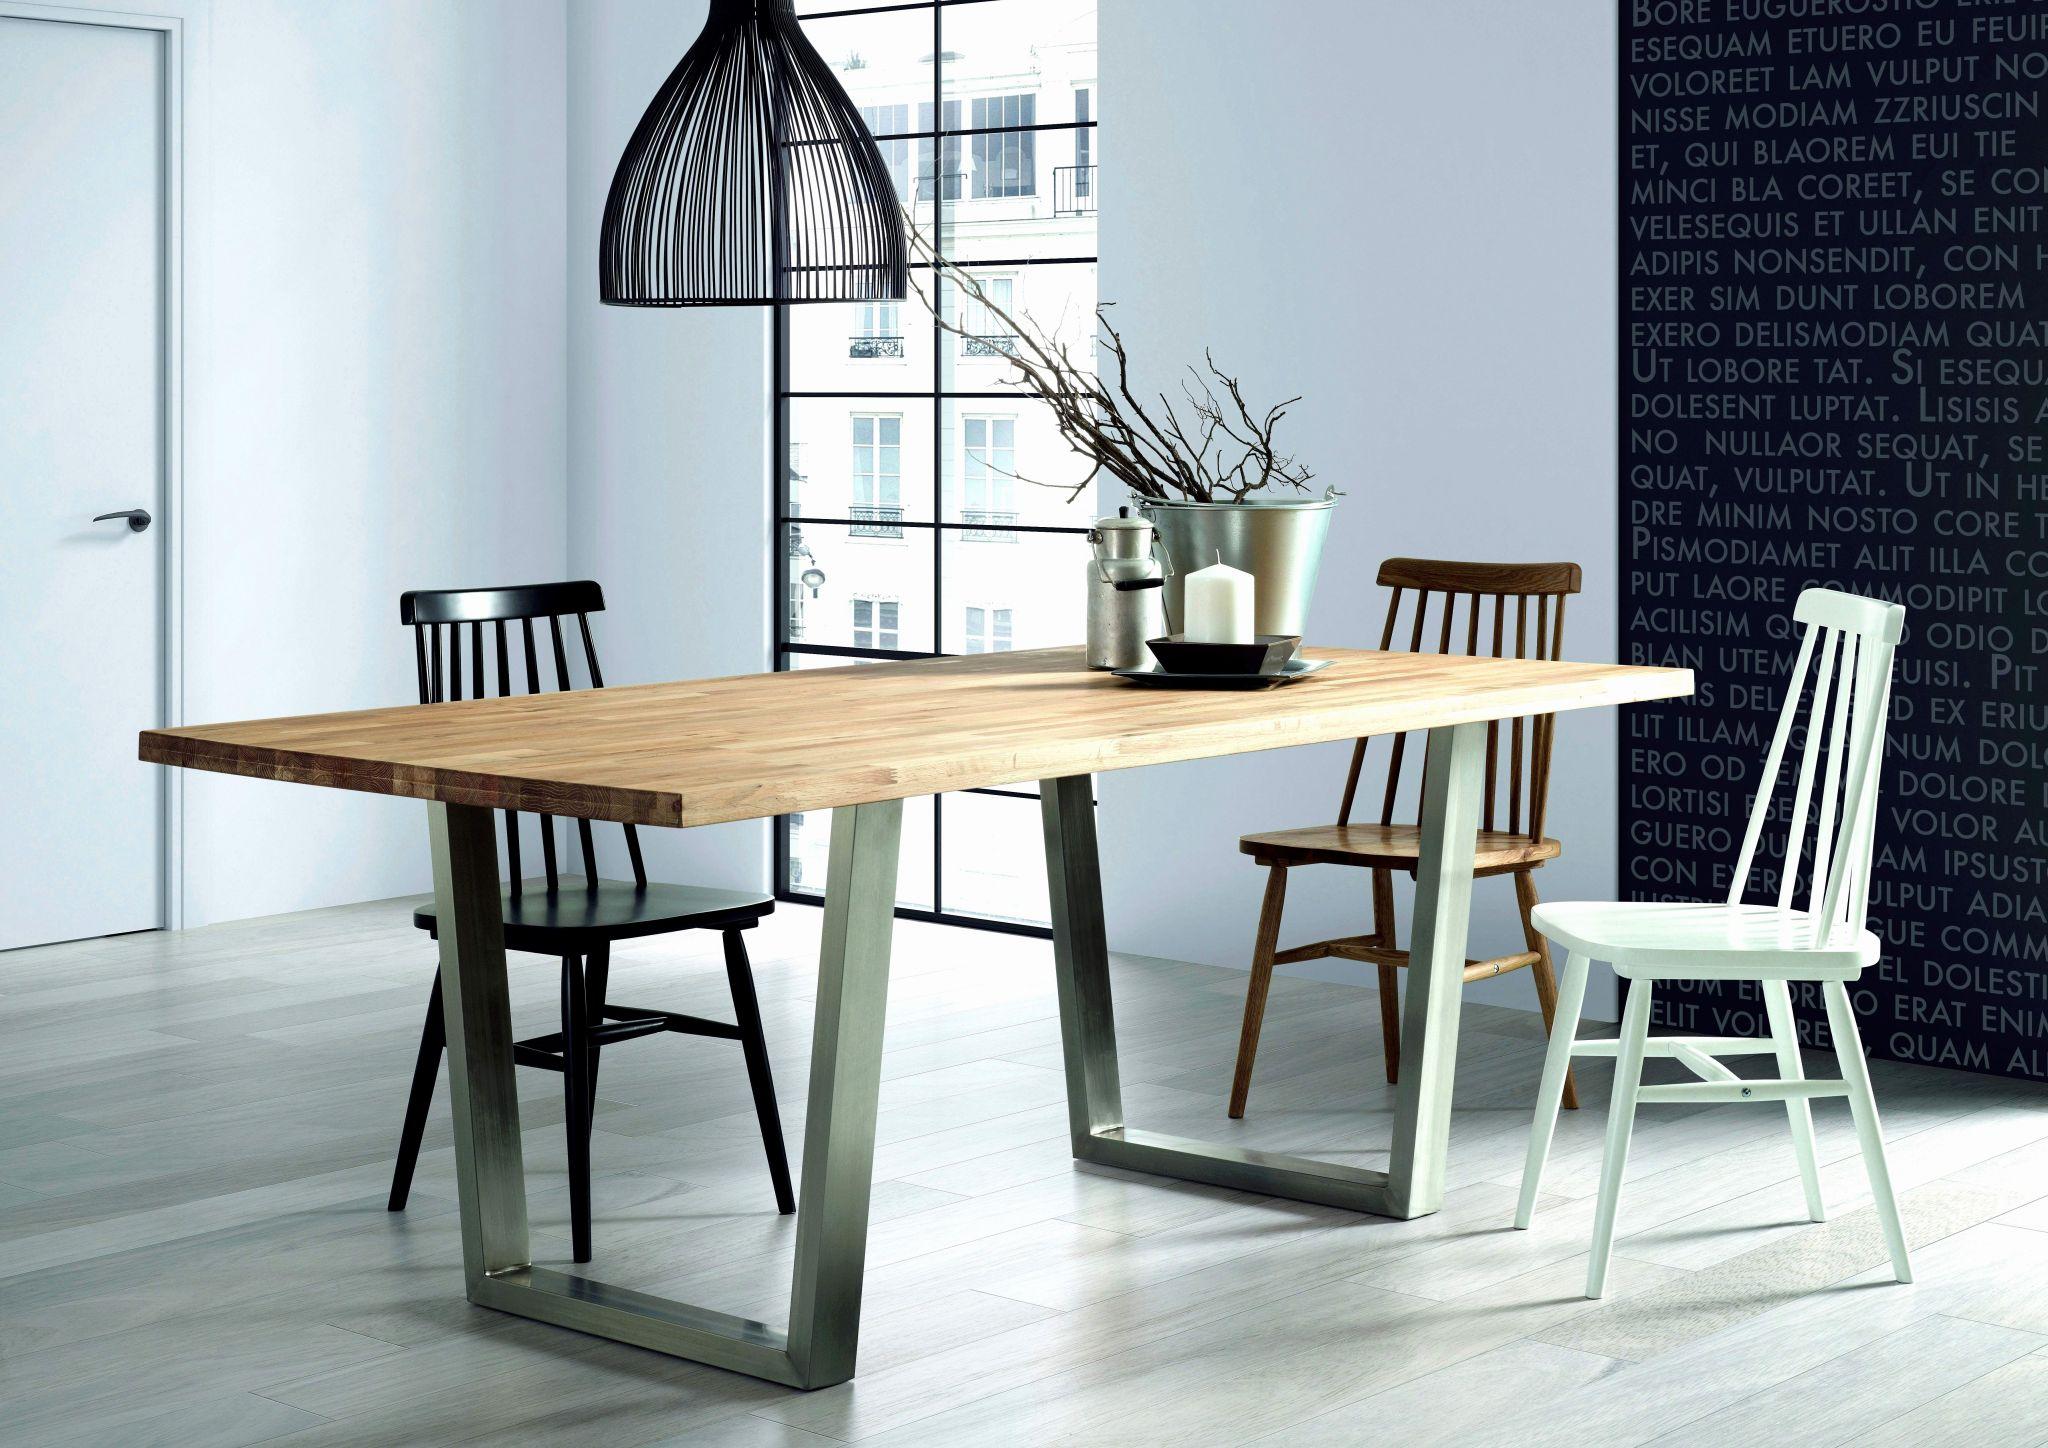 salon de jardin resine hesperide aussi fantaisie table de jardin 2 places avec dessins de chaise pliante de salon de jardin resine hesperide